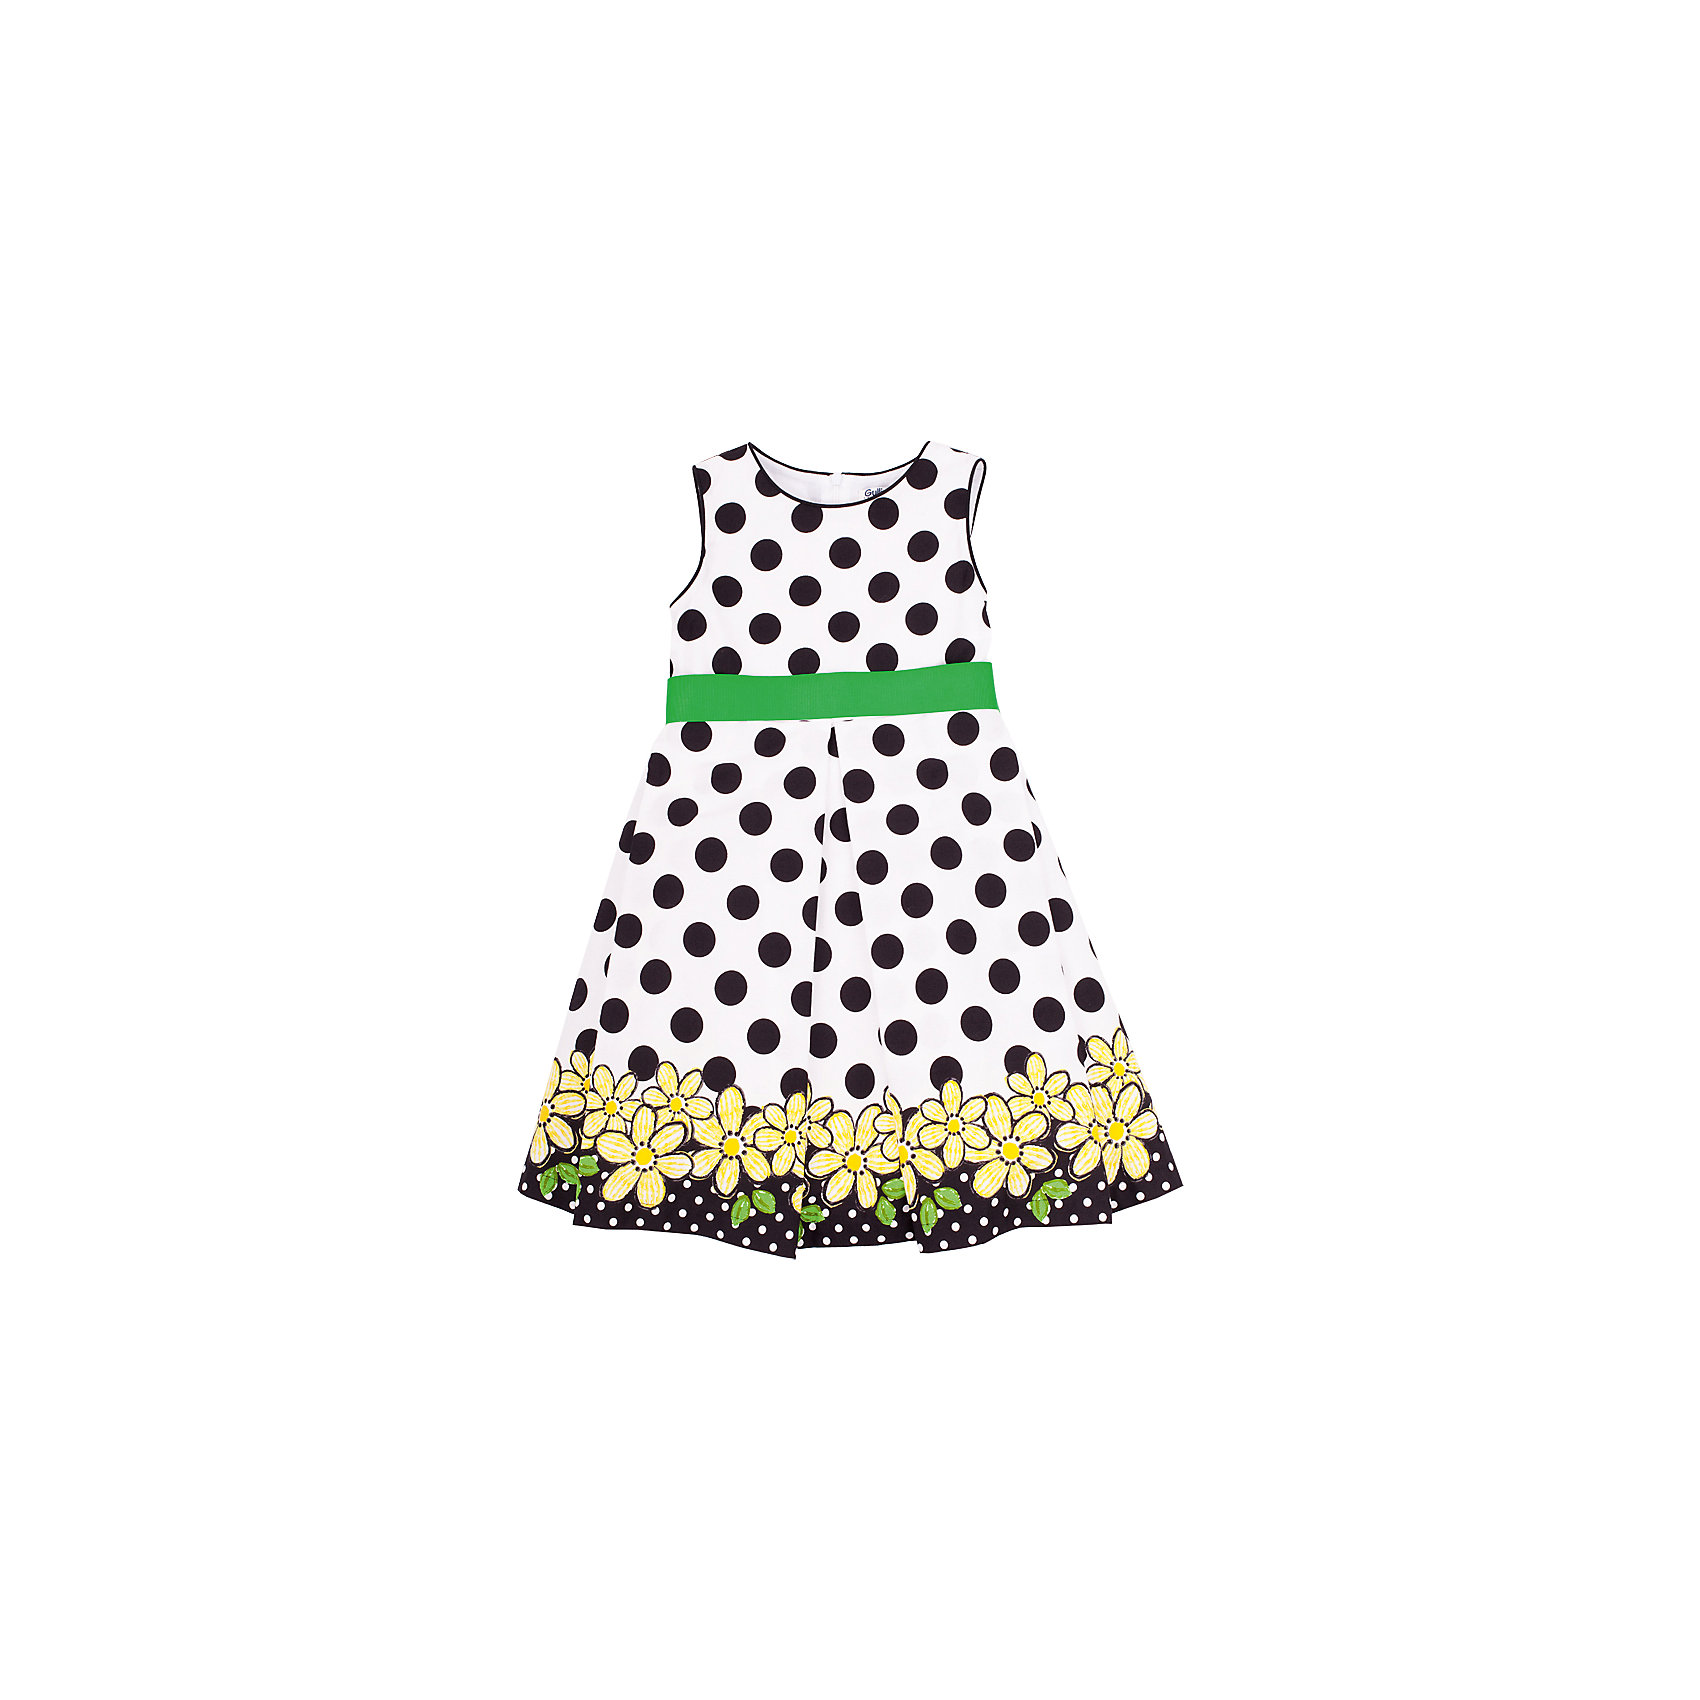 Платье для девочки GulliverОх уж, эти модницы… Их летний гардероб пестрит нарядами, но разве можно пройти мимо нового платья? Красивое платье для девочки с ярким оригинальным рисунком прекрасно подойдет и на каждый день, и на выход. Выполненное из 100% хлопка, платье подарит комфорт и отличное настроение.<br>Состав:<br>верх:                        100% хлопок;       подкл:                    100% хлопок<br><br>Ширина мм: 236<br>Глубина мм: 16<br>Высота мм: 184<br>Вес г: 177<br>Цвет: белый<br>Возраст от месяцев: 24<br>Возраст до месяцев: 36<br>Пол: Женский<br>Возраст: Детский<br>Размер: 98,104,110,122,116<br>SKU: 4534235